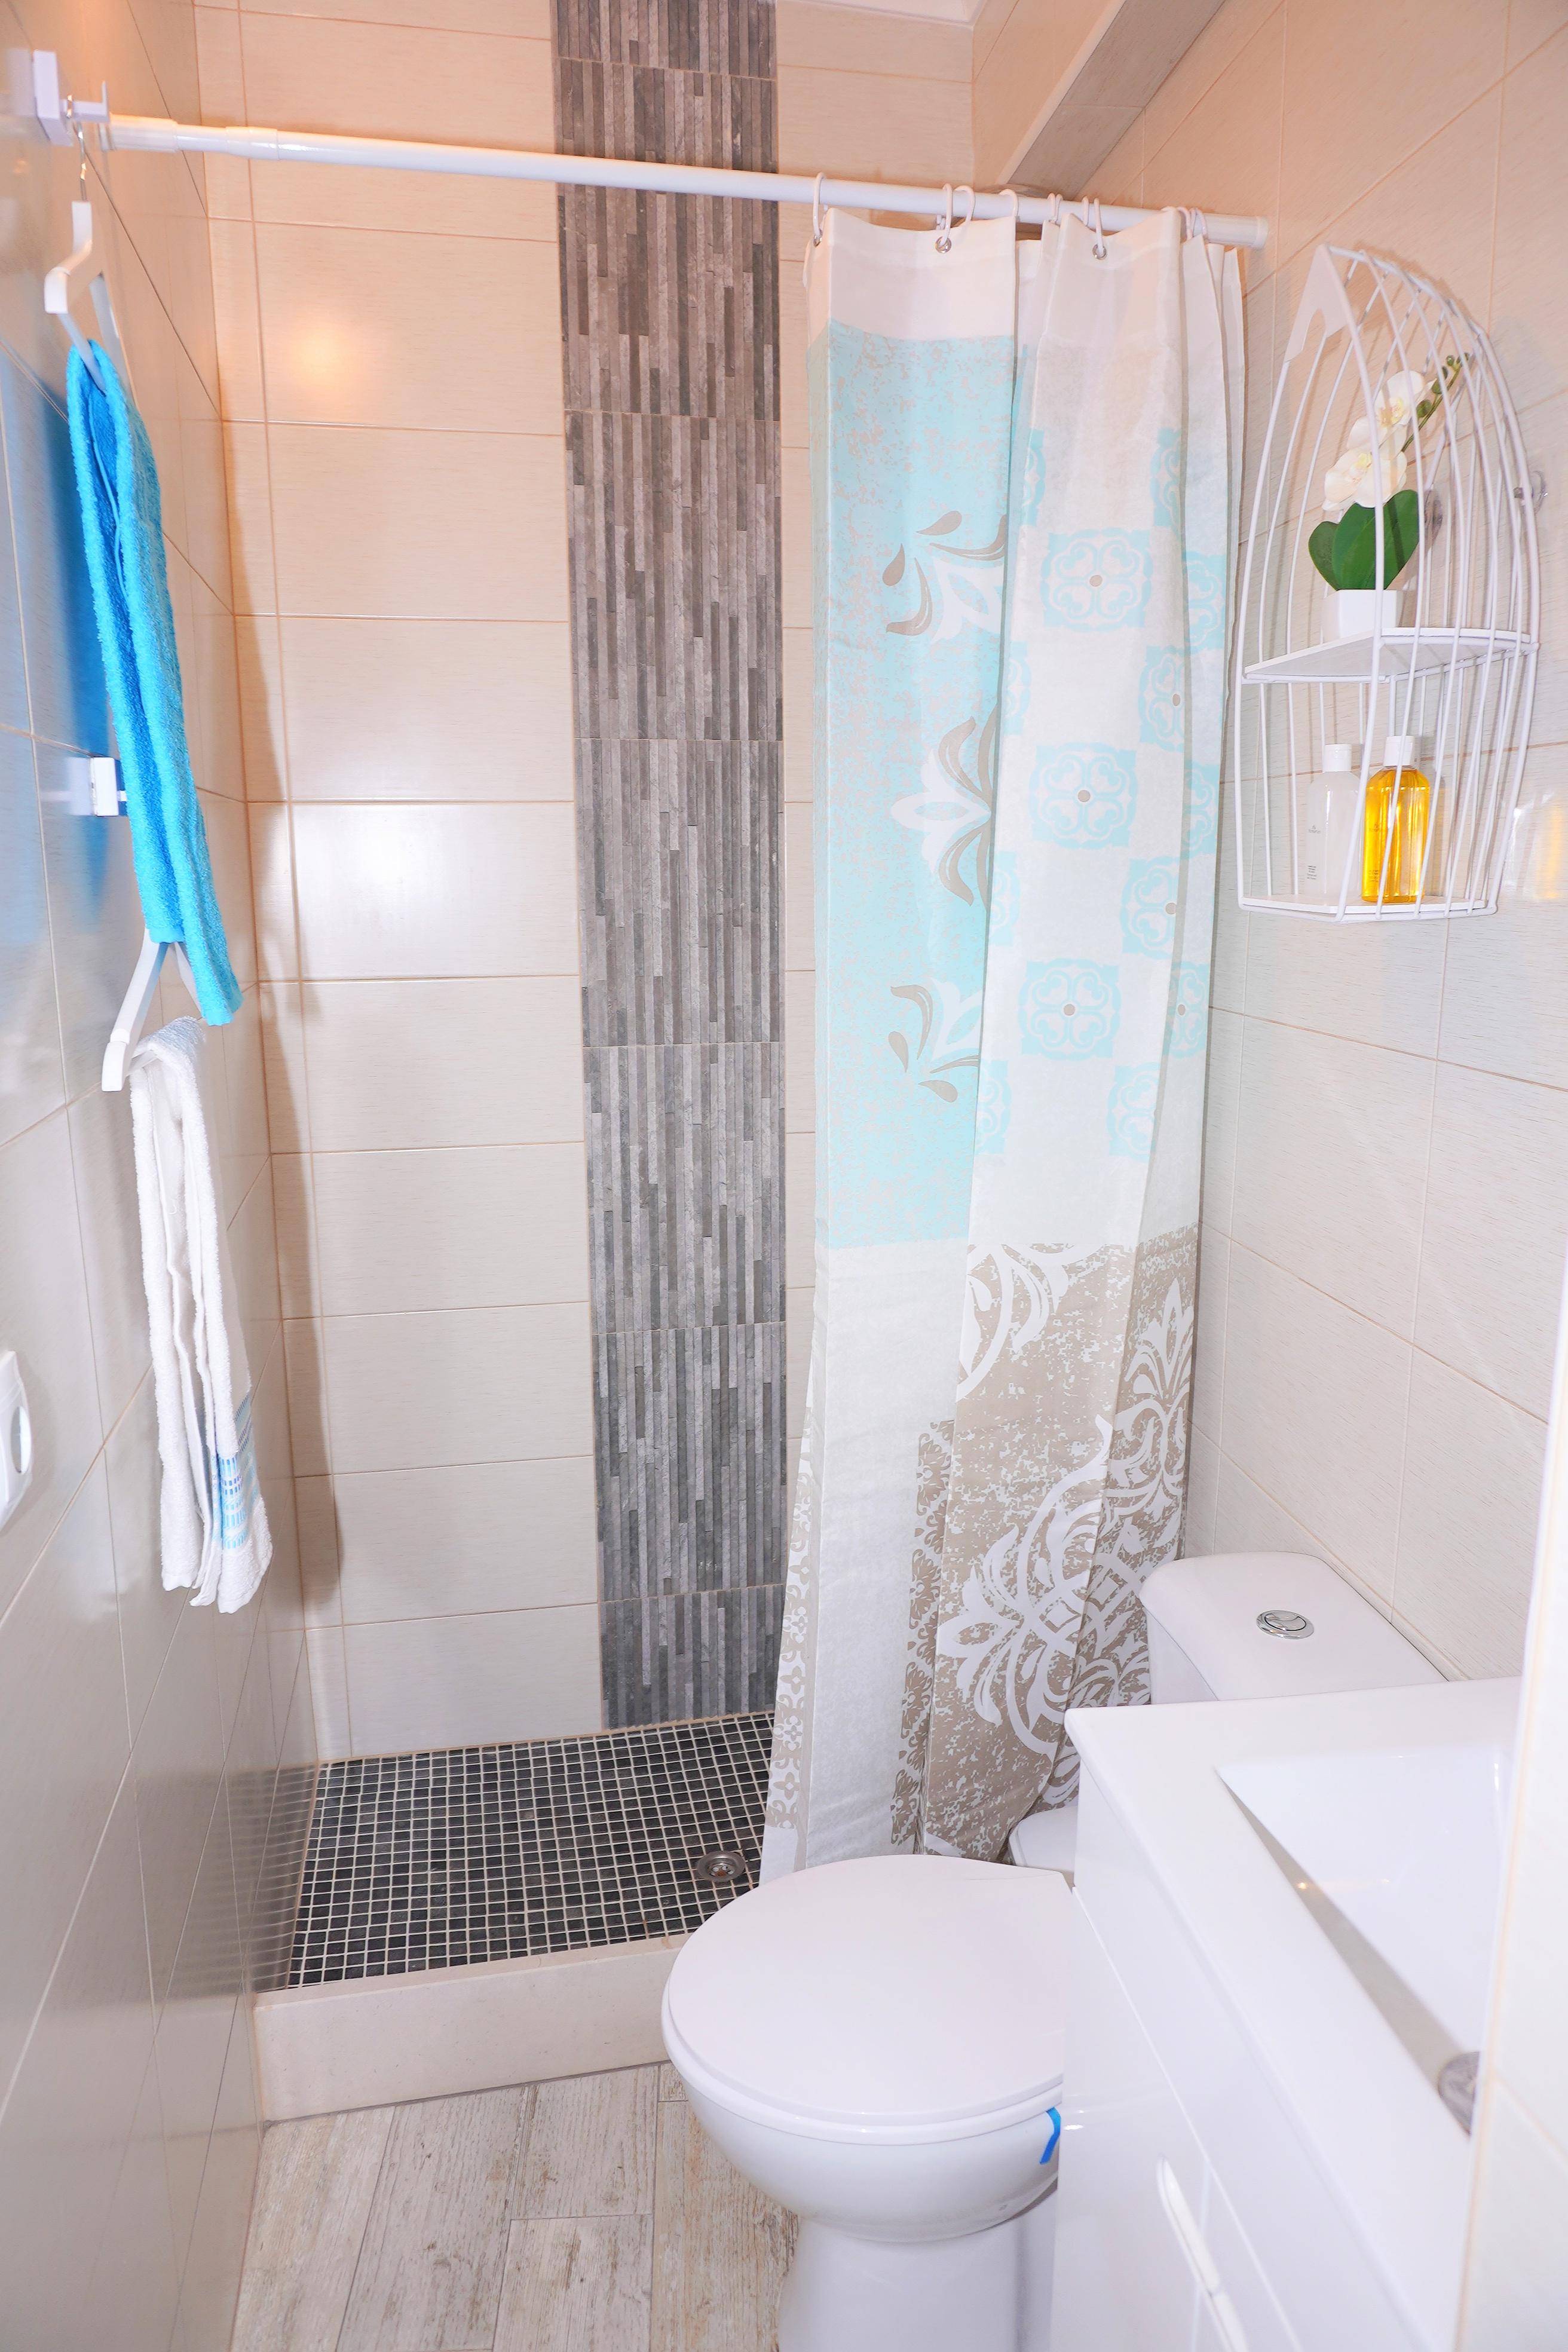 Location appartements et villas de vacance, Chez Downton – Best Experiences all around you! à Lagos, Portugal Algarve, REF_IMG_8005_8025